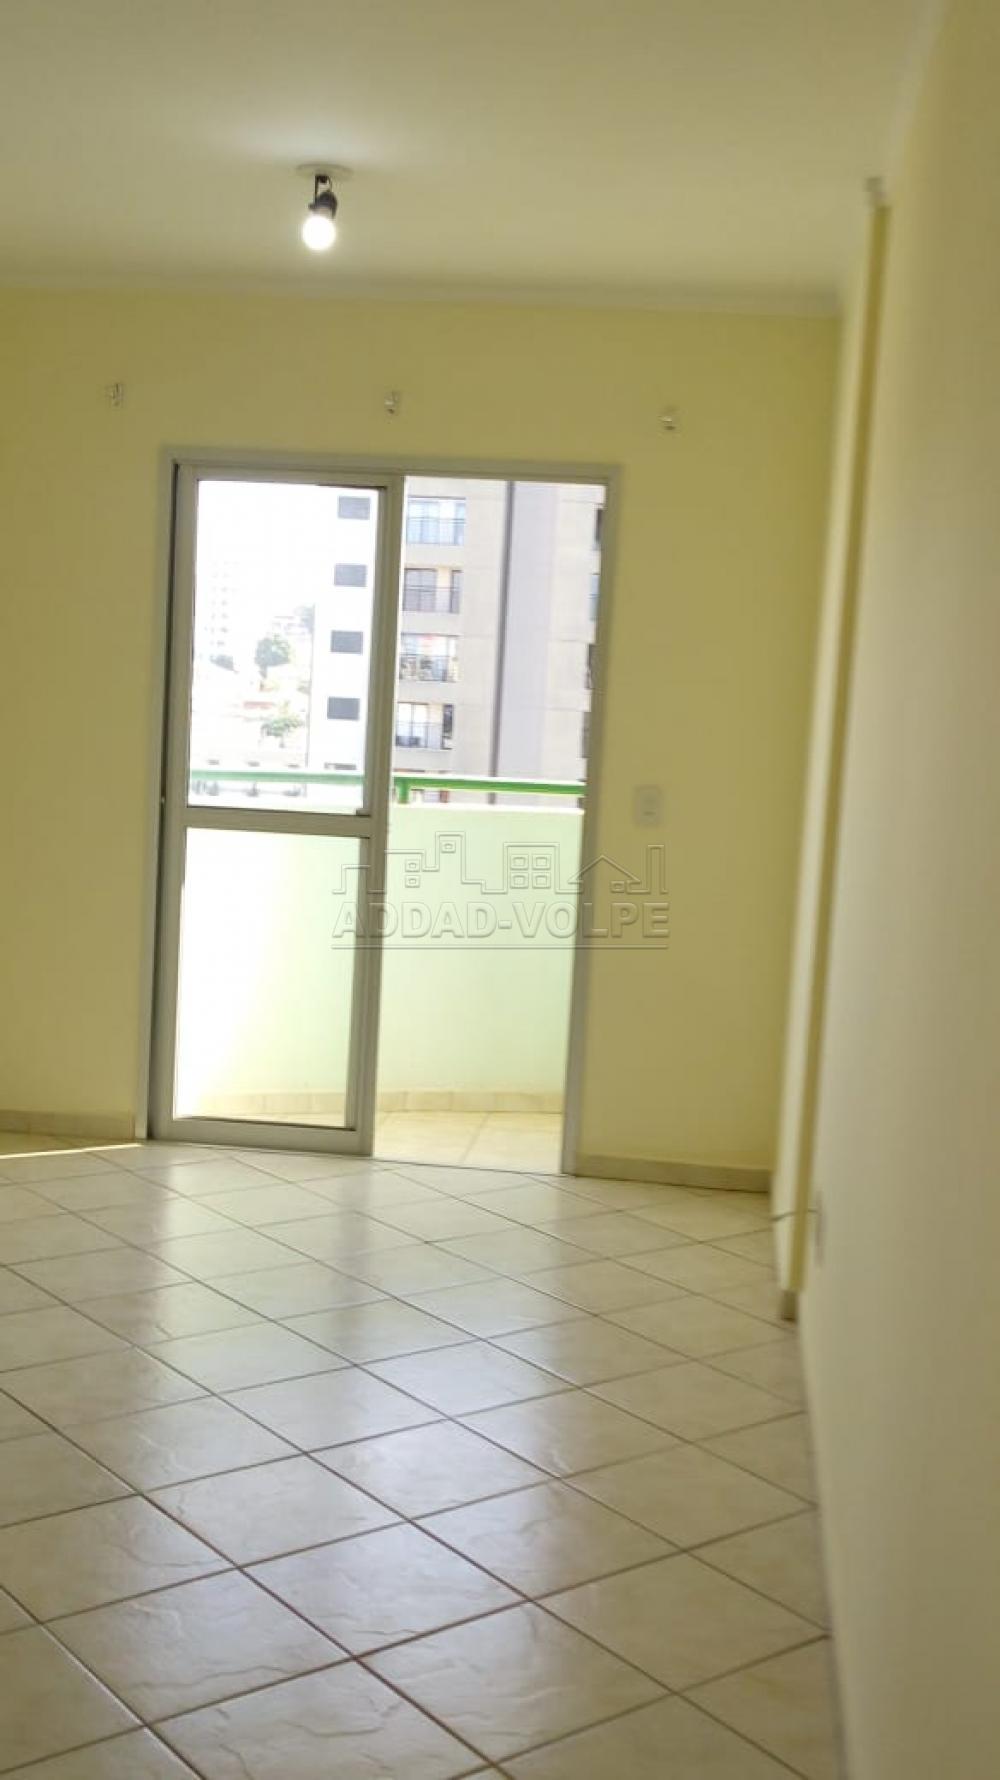 Alugar Apartamento / Padrão em Bauru R$ 850,00 - Foto 2